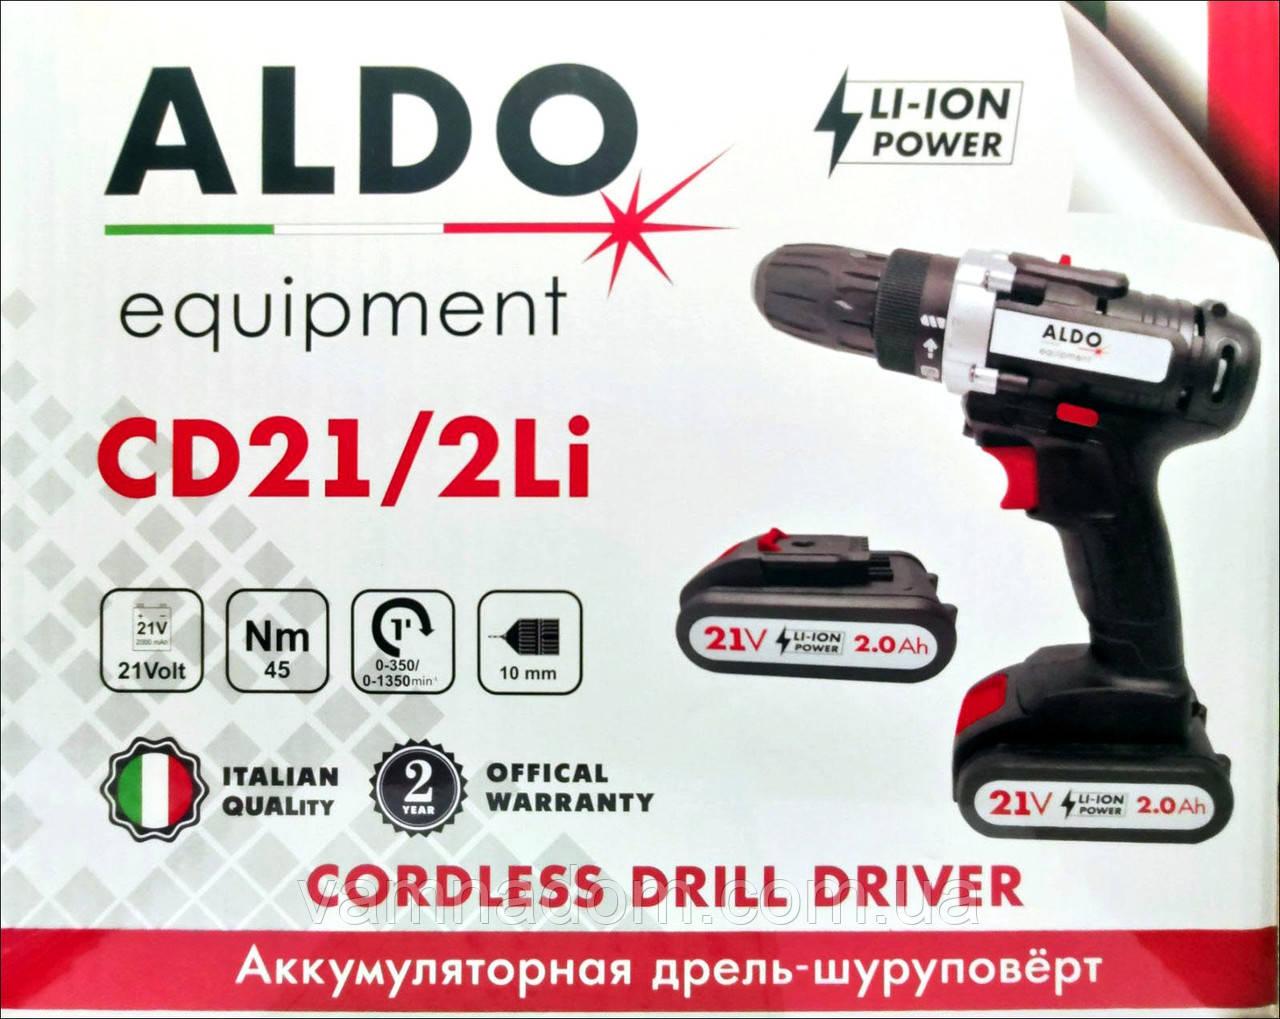 Аккумуляторный шуруповерт ALDO CD21/2Li